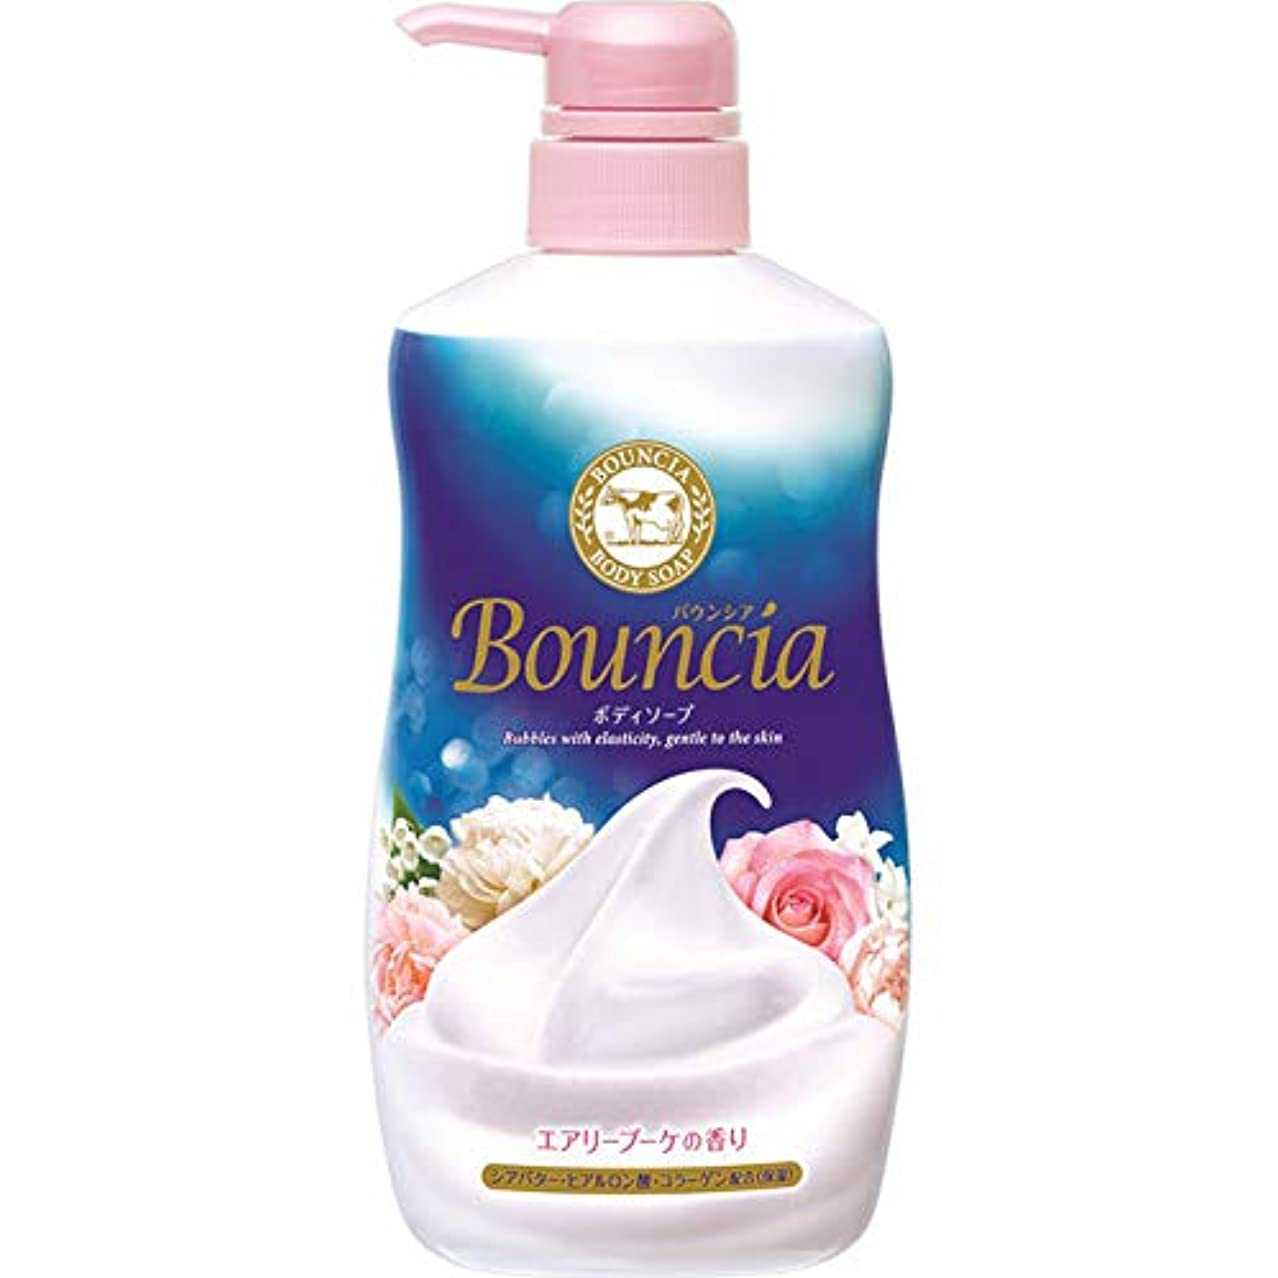 執着あなたが良くなります懇願するバウンシアボディソープ エアリーブーケの香り ポンプ付?500mL × 5個セット